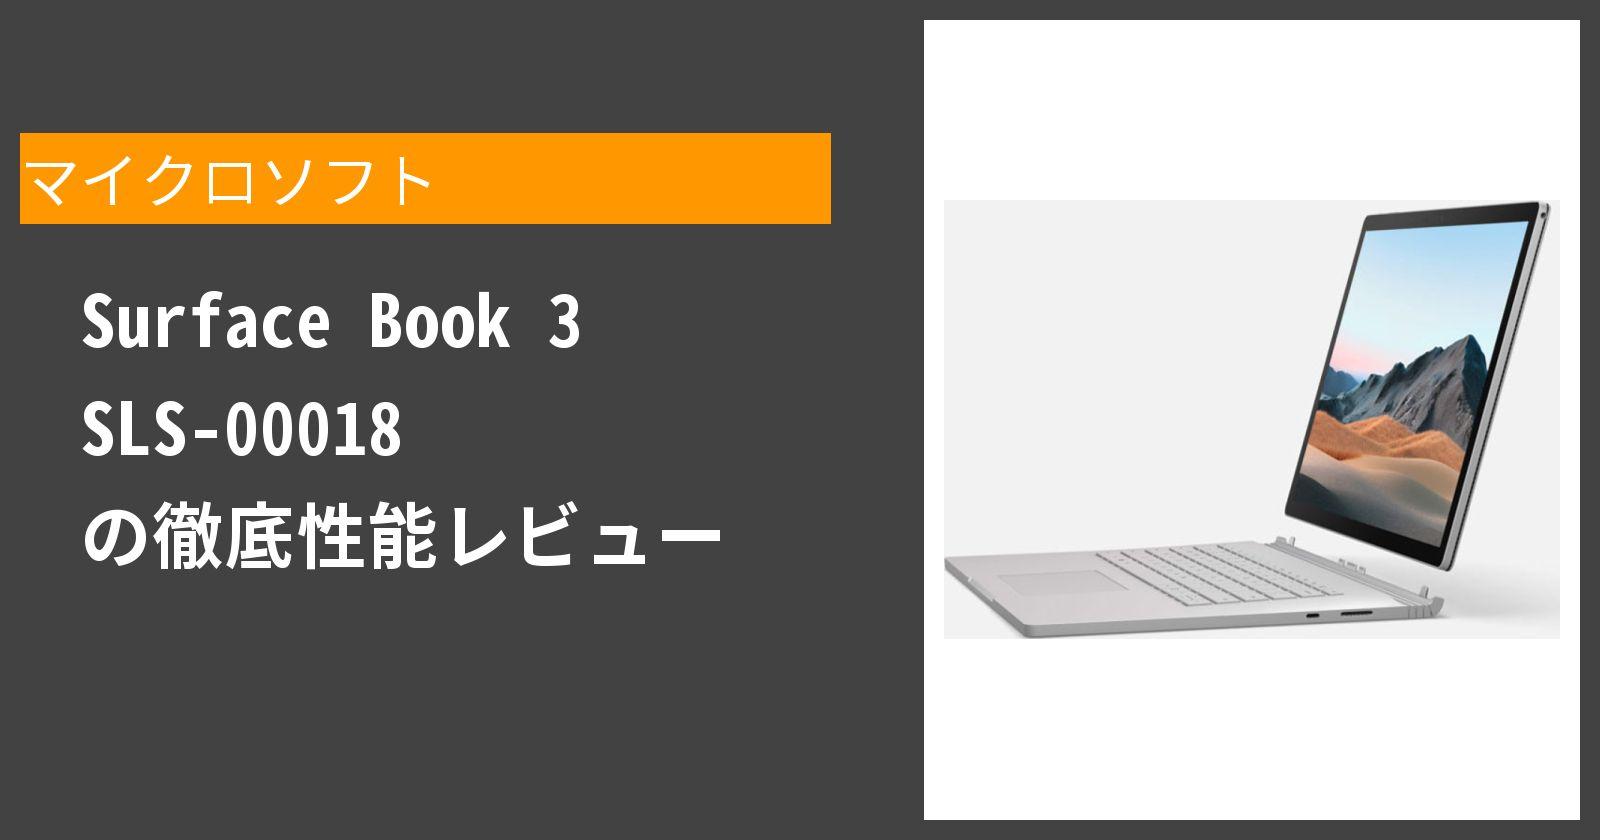 Surface Book 3 SLS-00018 の徹底性能レビュー